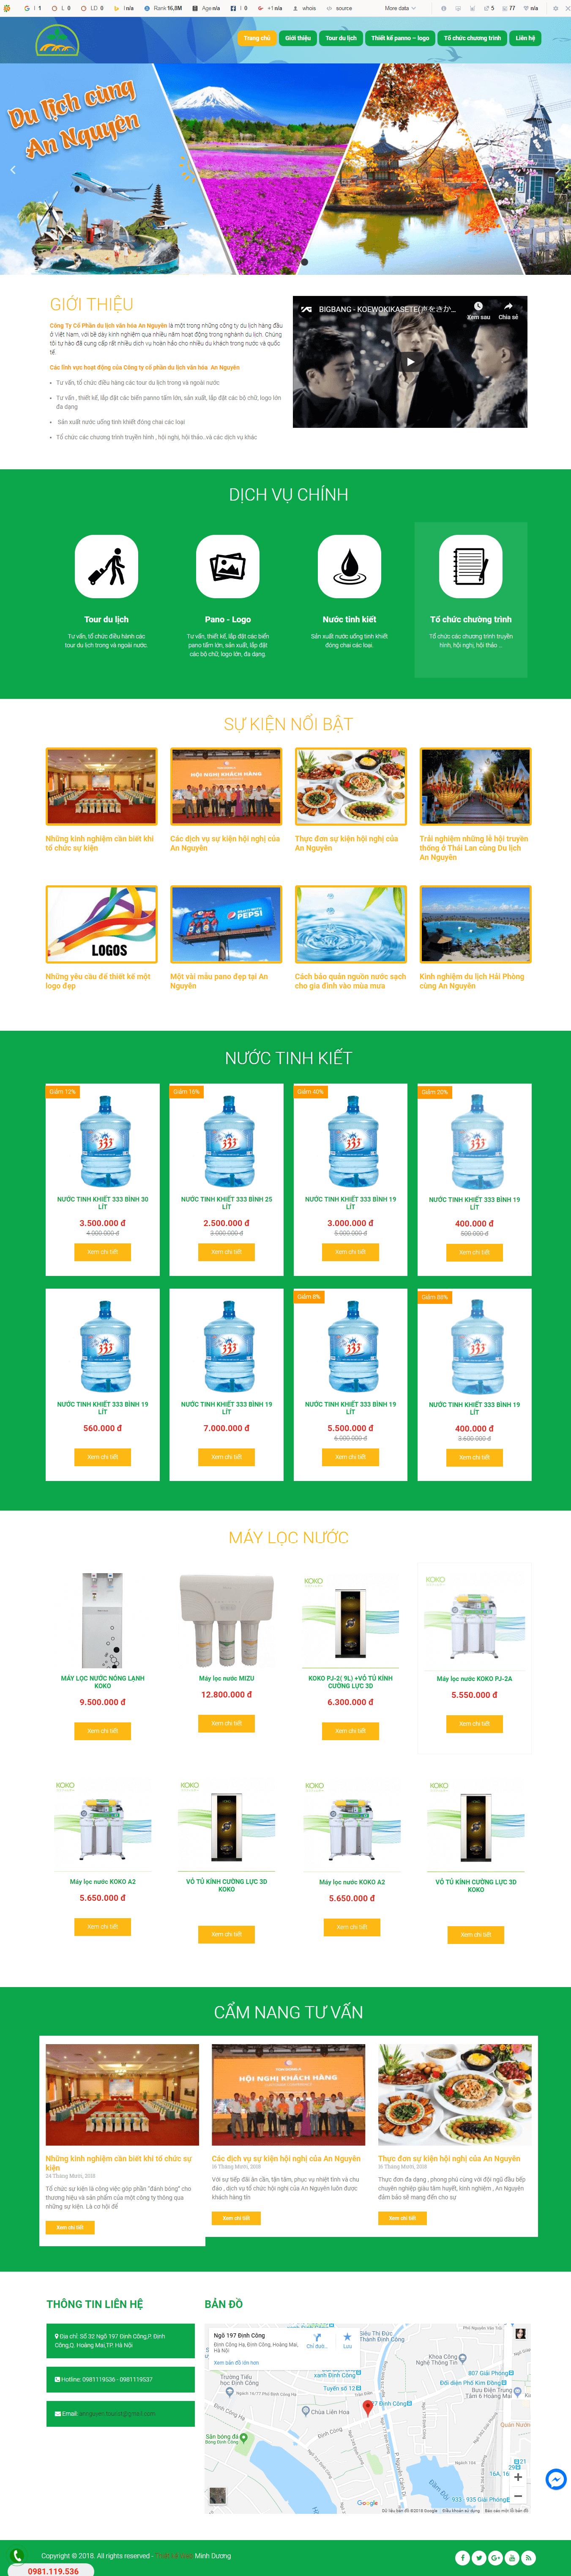 thiết kế website bán nước tinh khiết